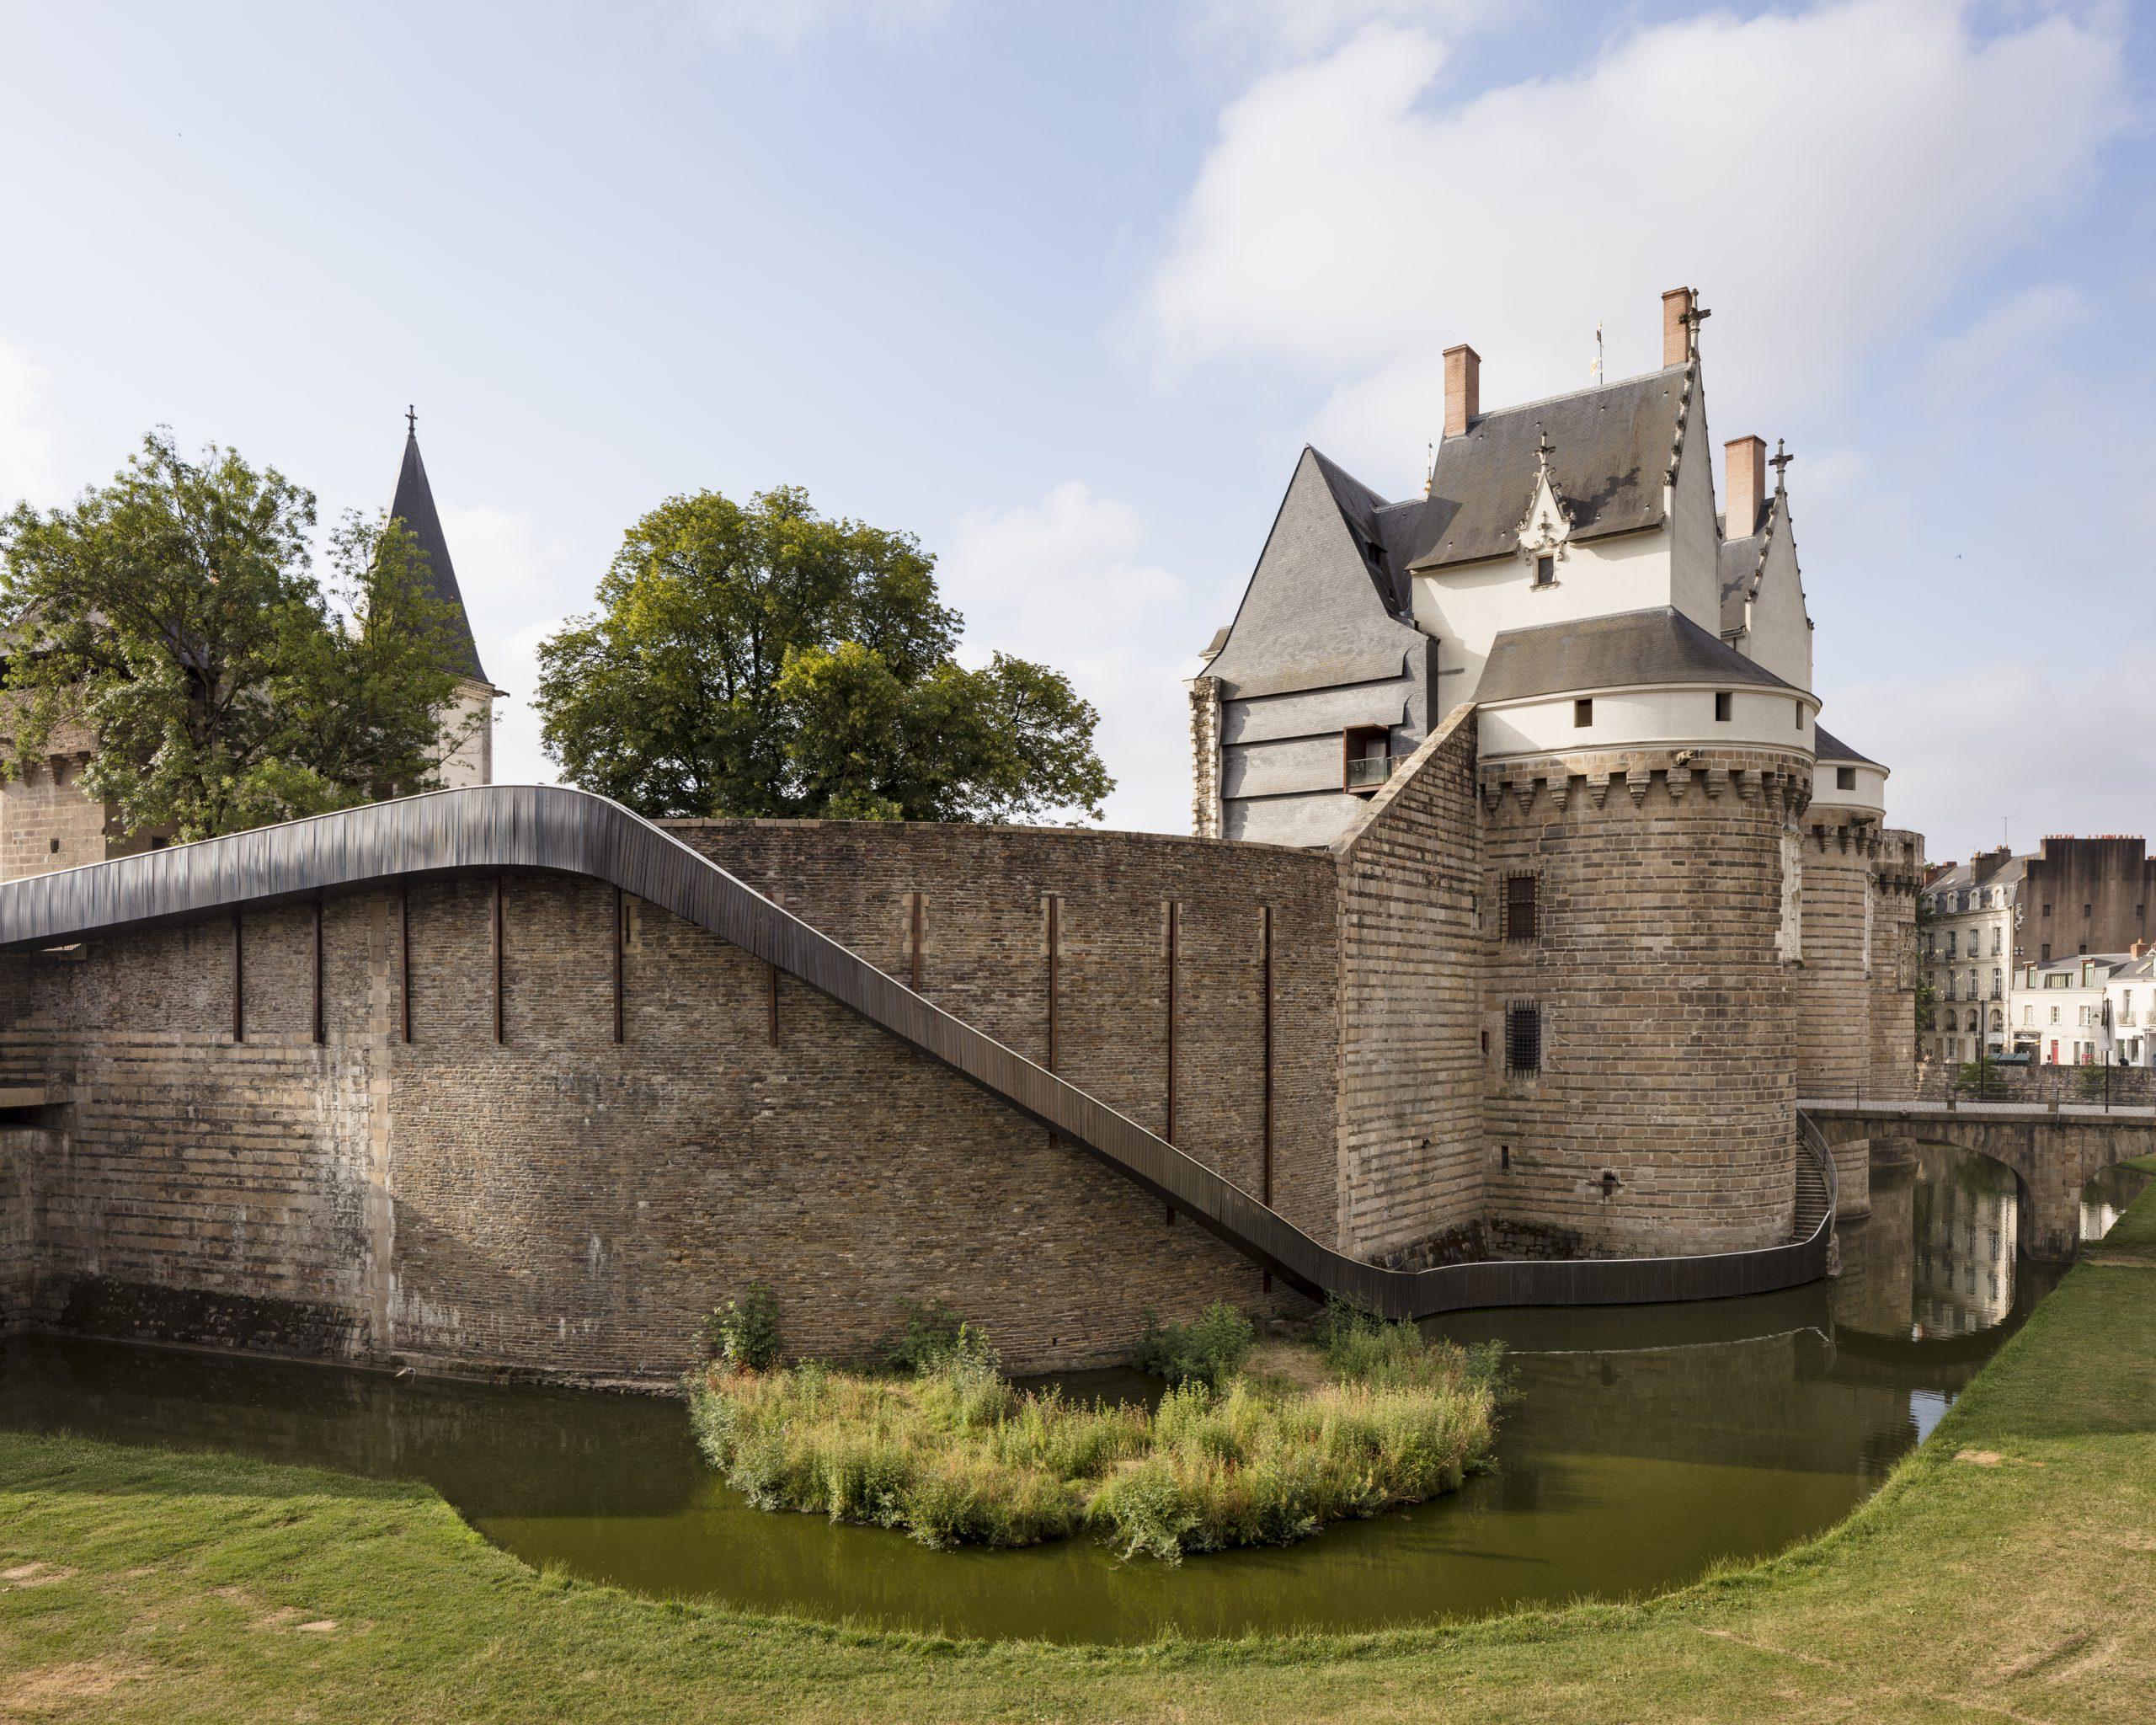 TACT-architectes-et-Tangui-Robert-Paysage-glisse-Chateau-des-ducs-de-Bretagne-Nantes-Voyage-a-Nantes-2017-©-Philippe-Piron